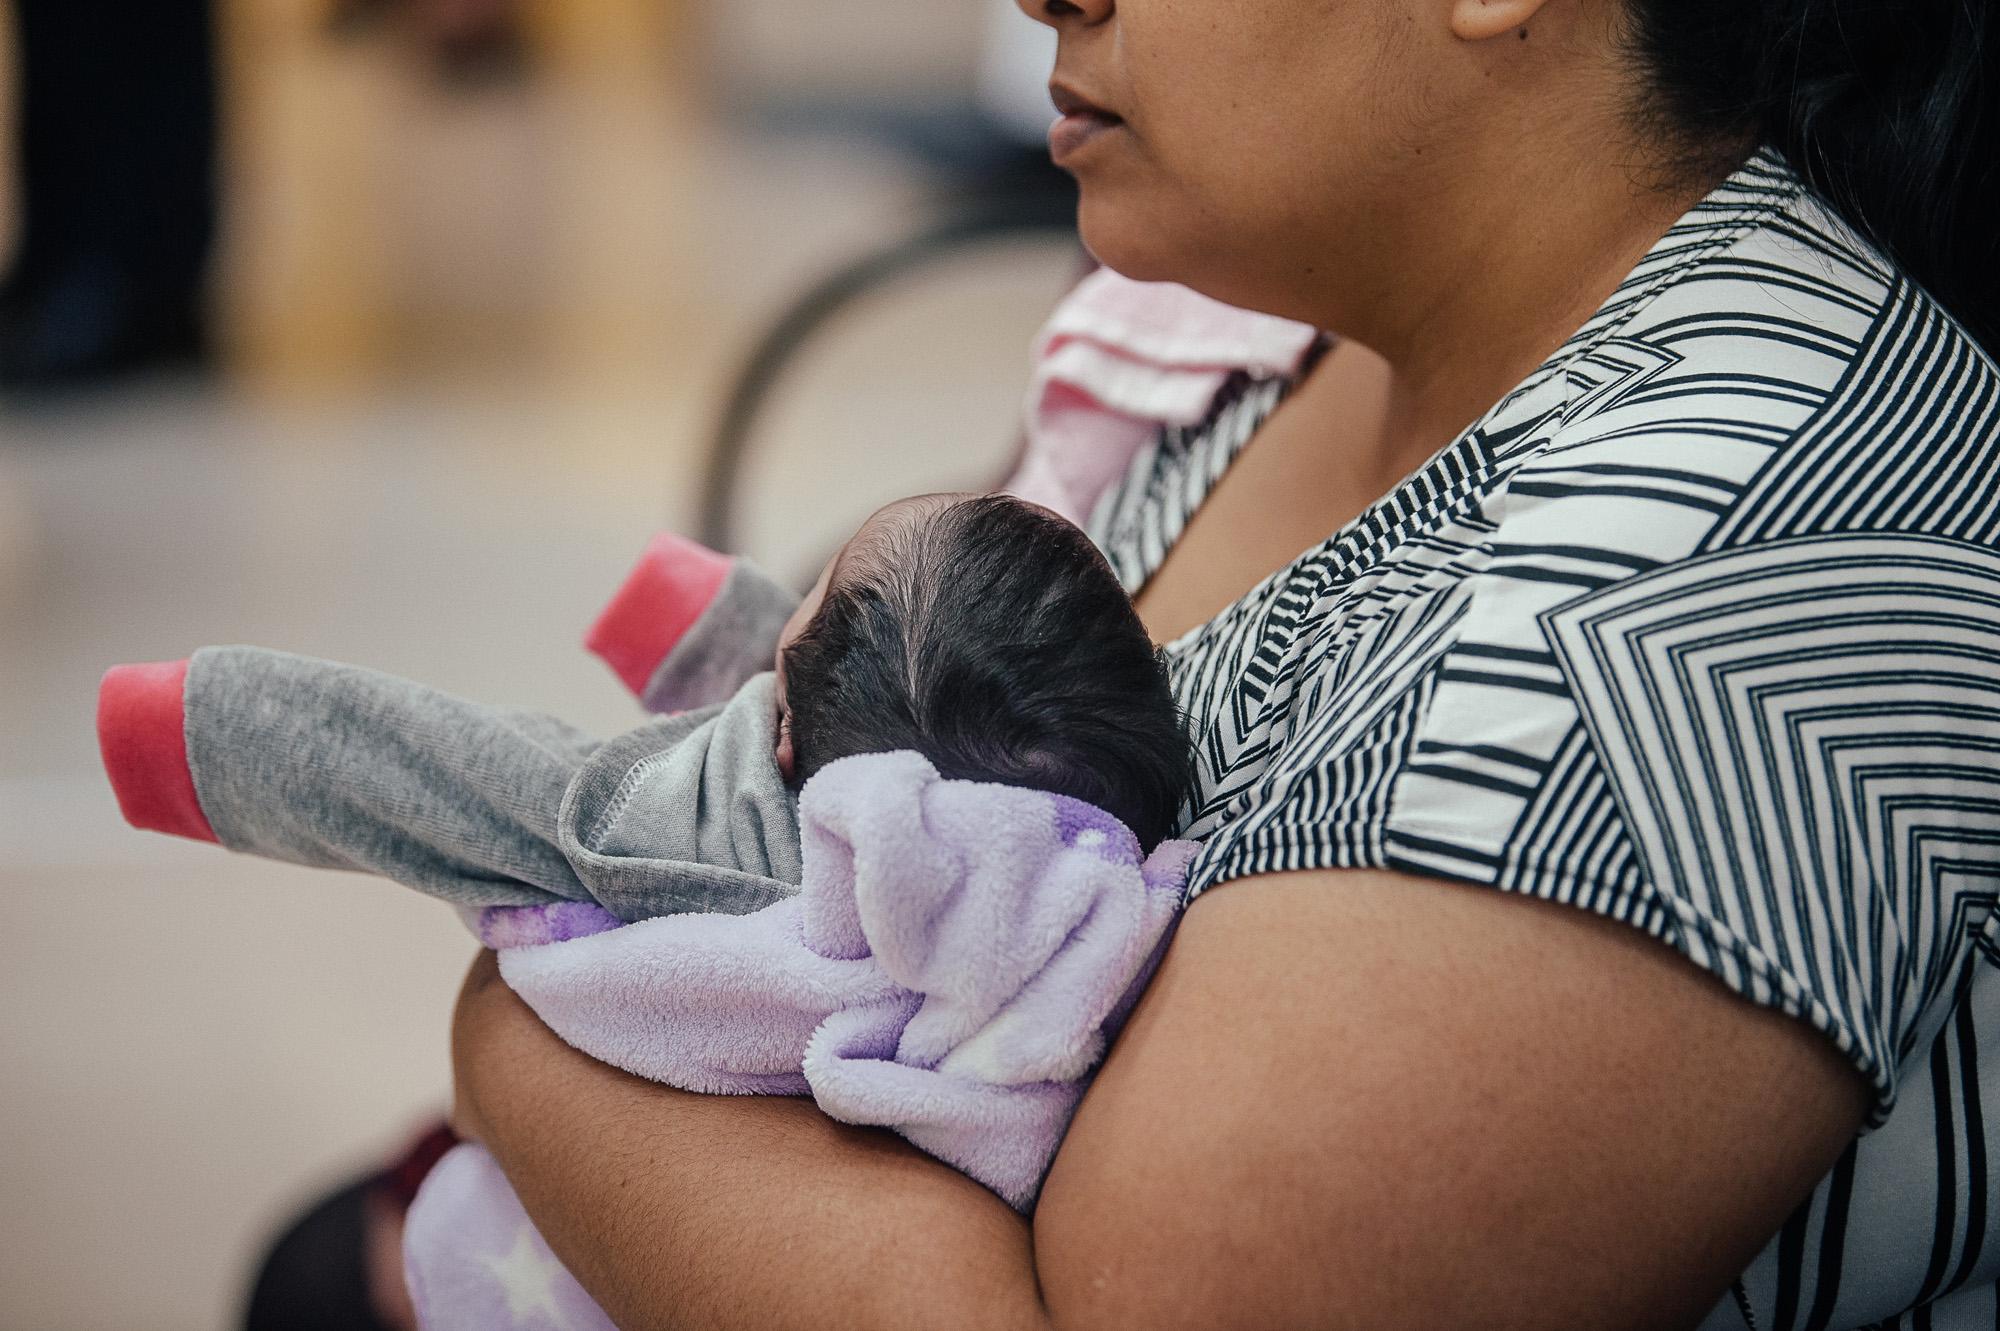 São Paulo elimina transmissão de HIV de mãe para bebê (Crédito: Divulgação Prefeitura)